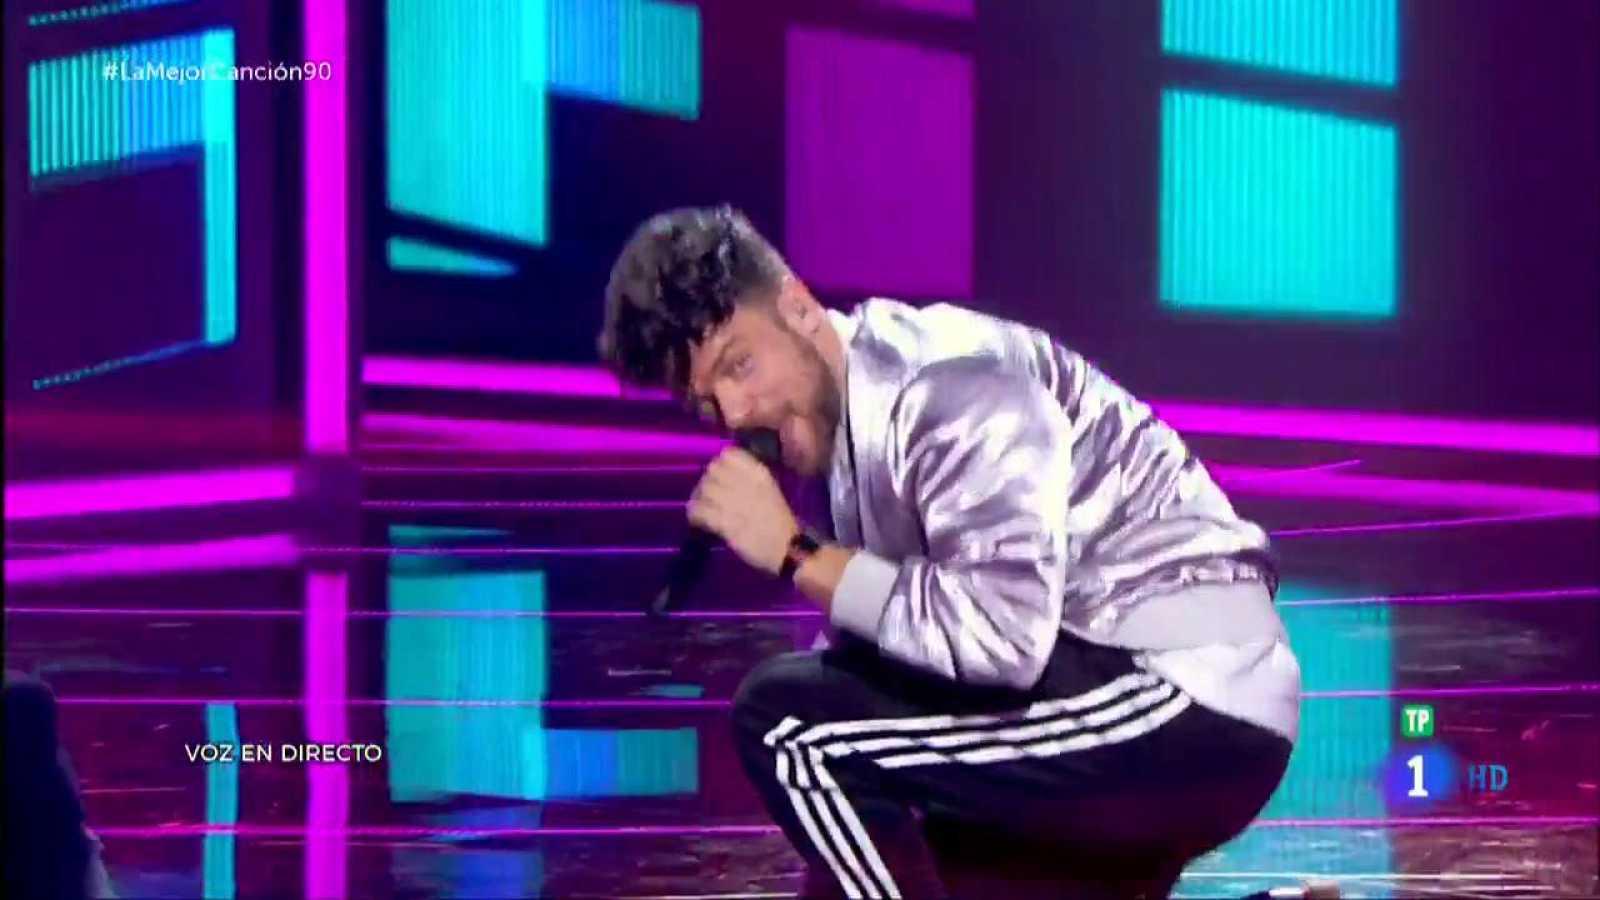 Ricky Merino canta 'Wannabe' de Spice Girls